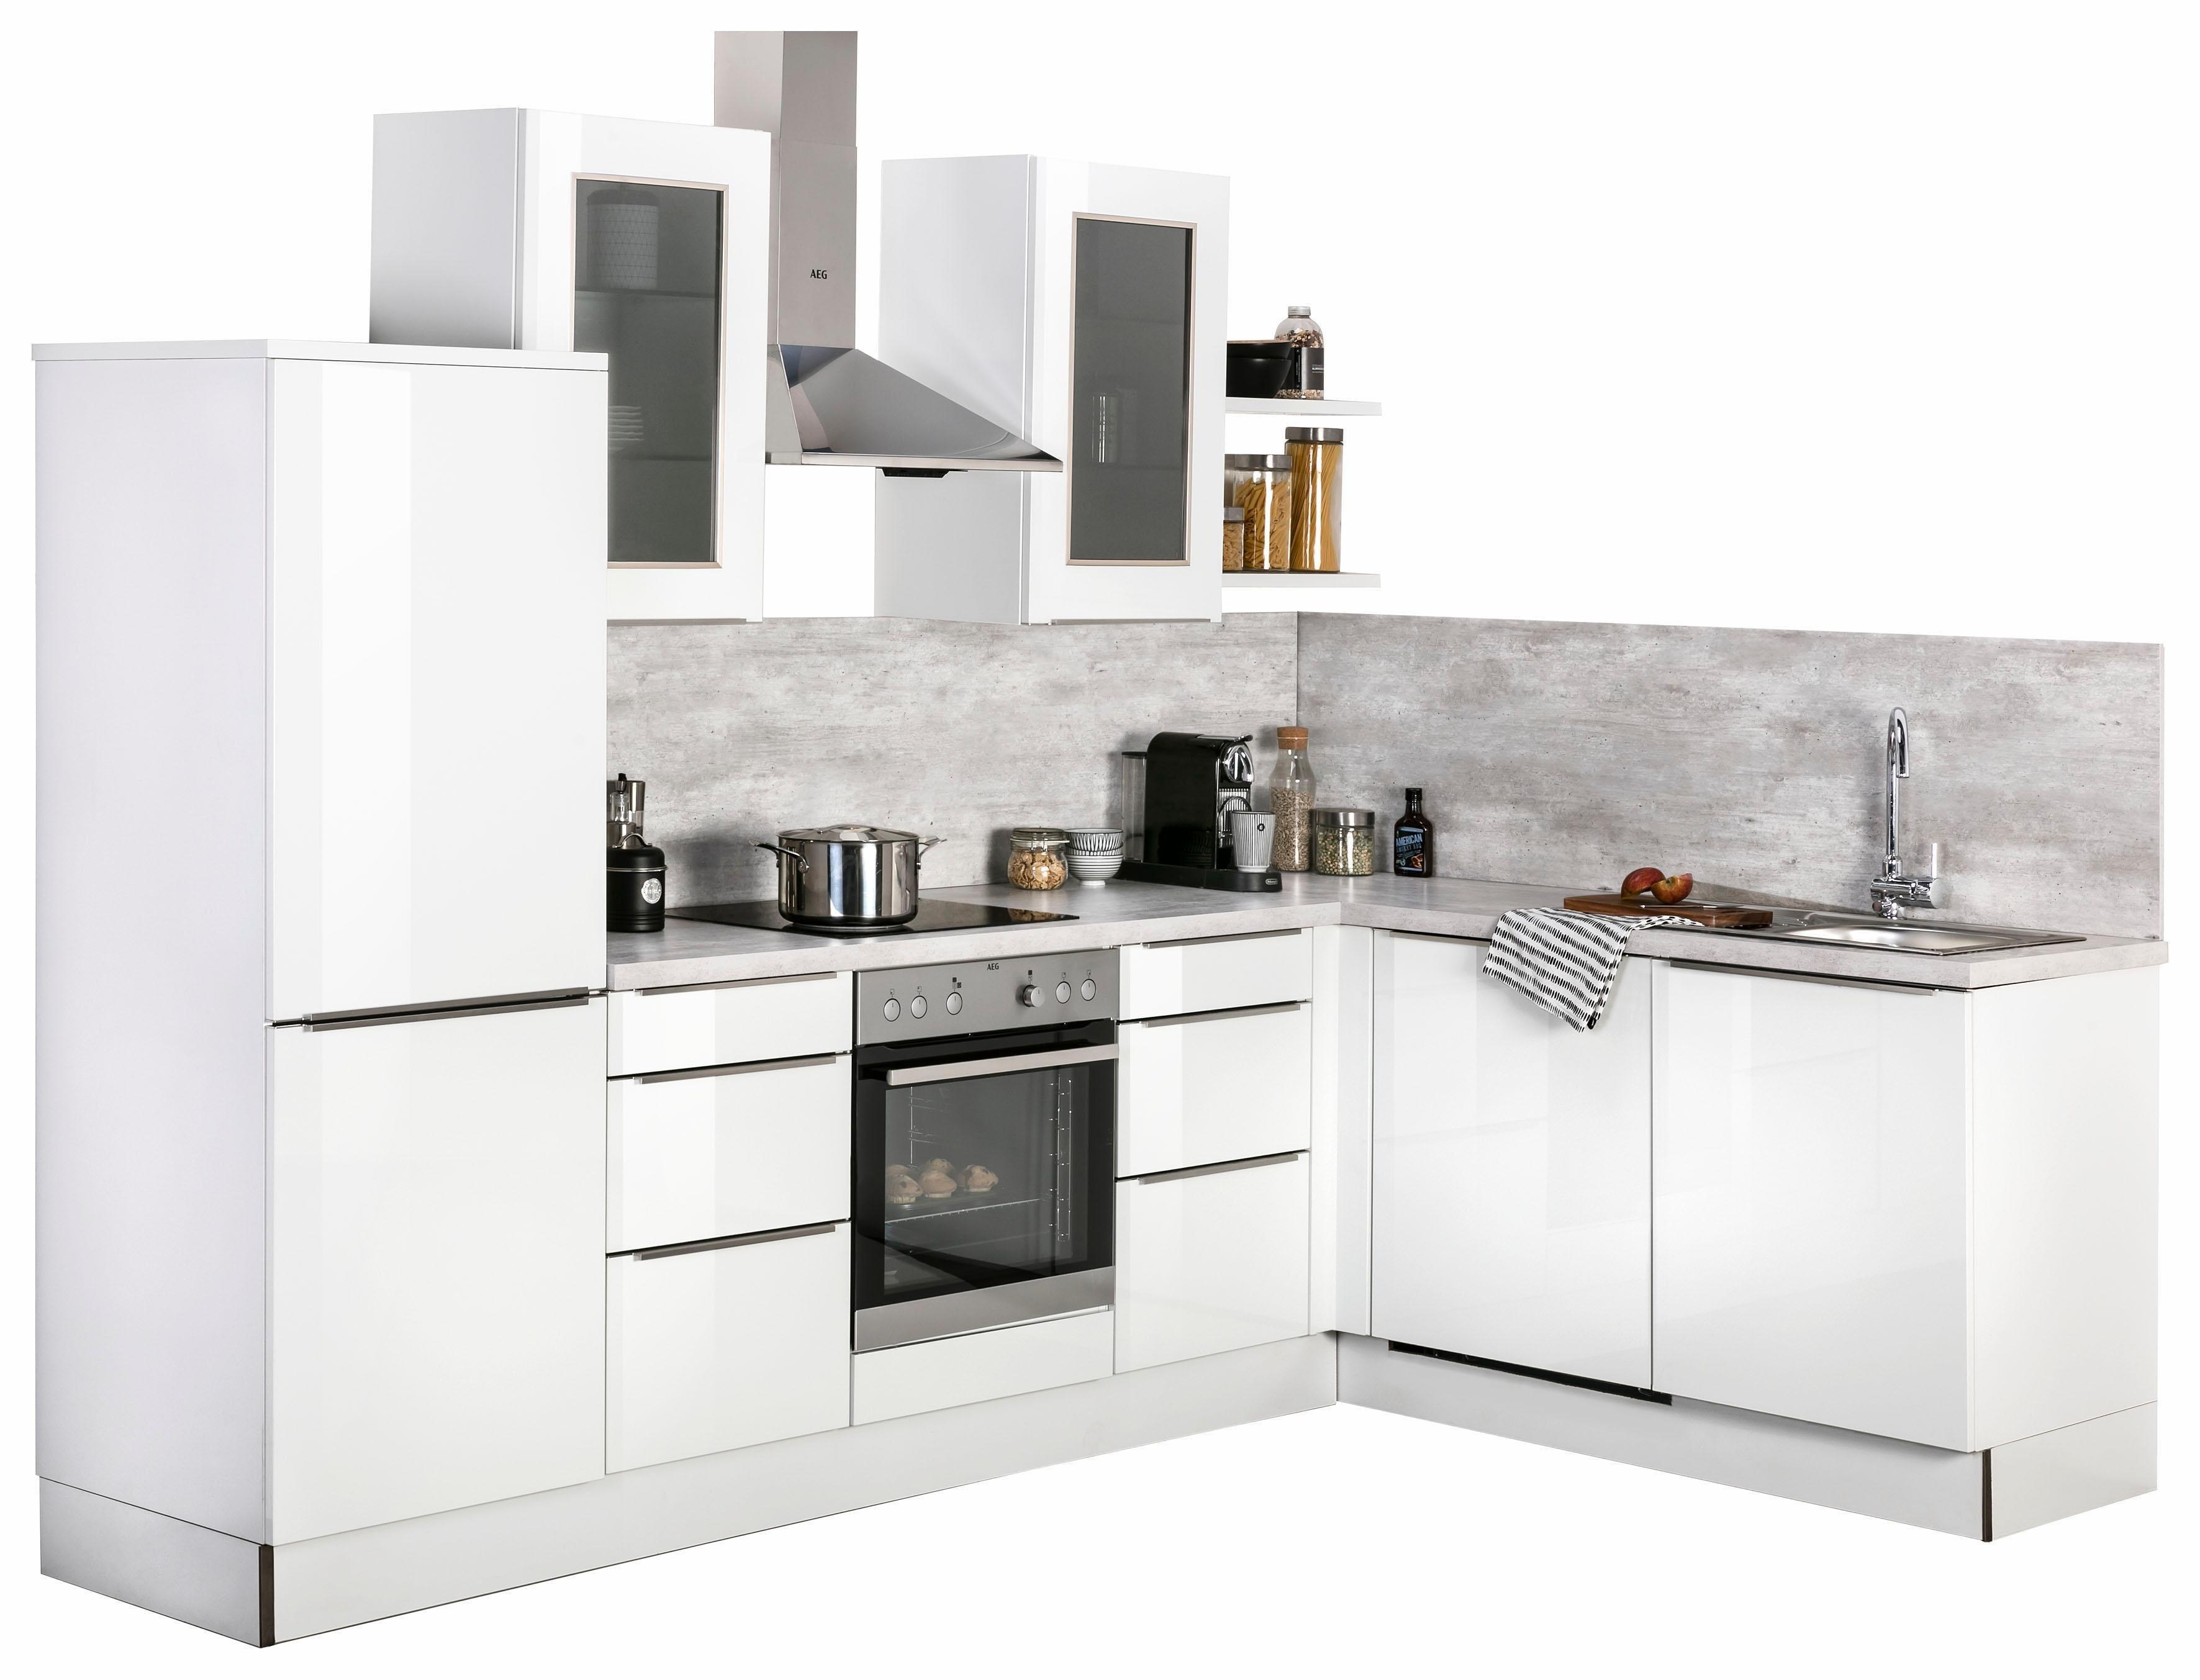 neckermann Winkelküchen online kaufen | Möbel-Suchmaschine ...